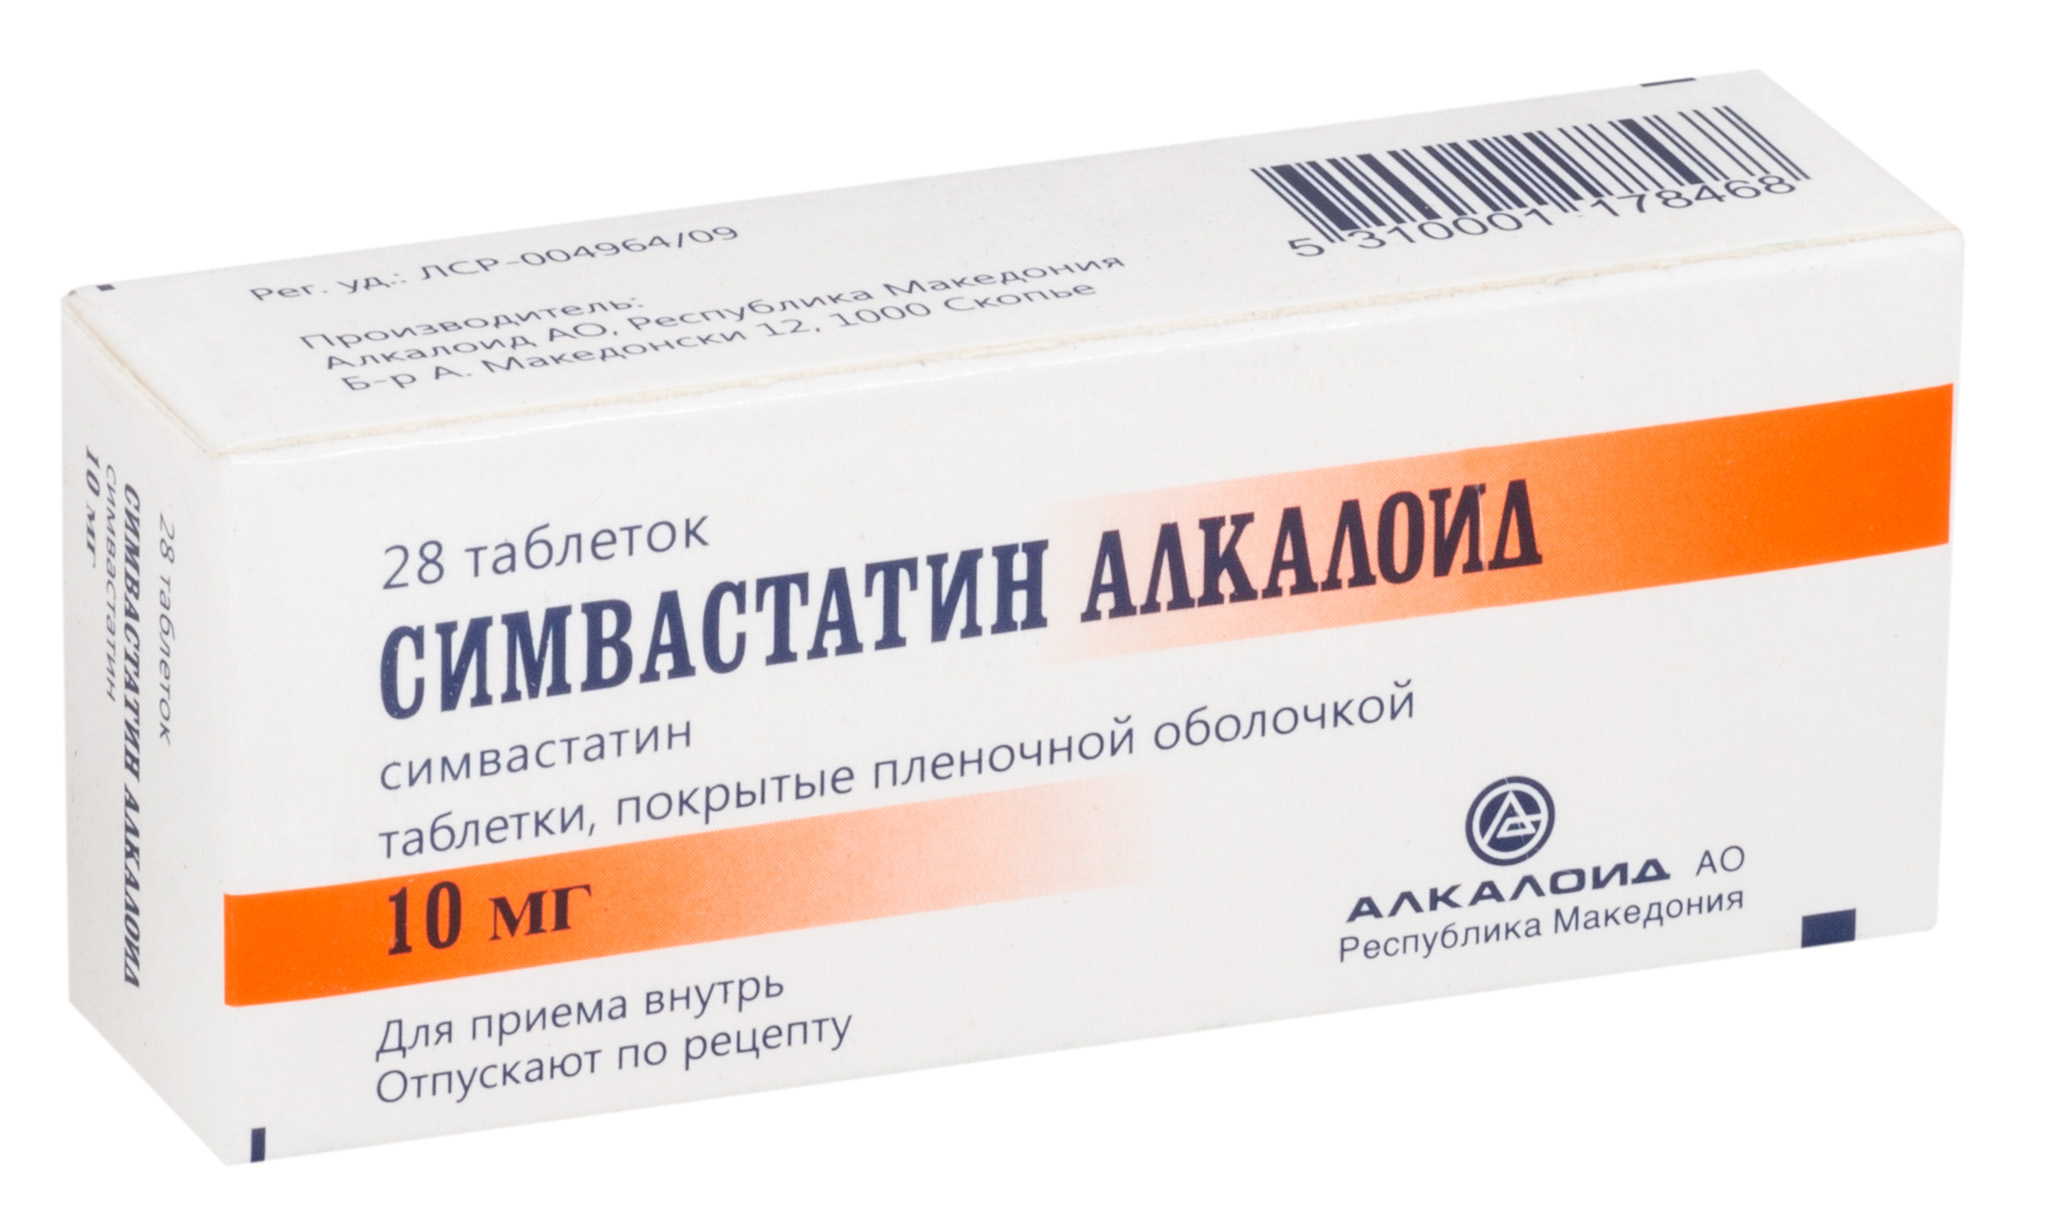 Симвастатин алкалоид таб. п.п.о. 10мг n28